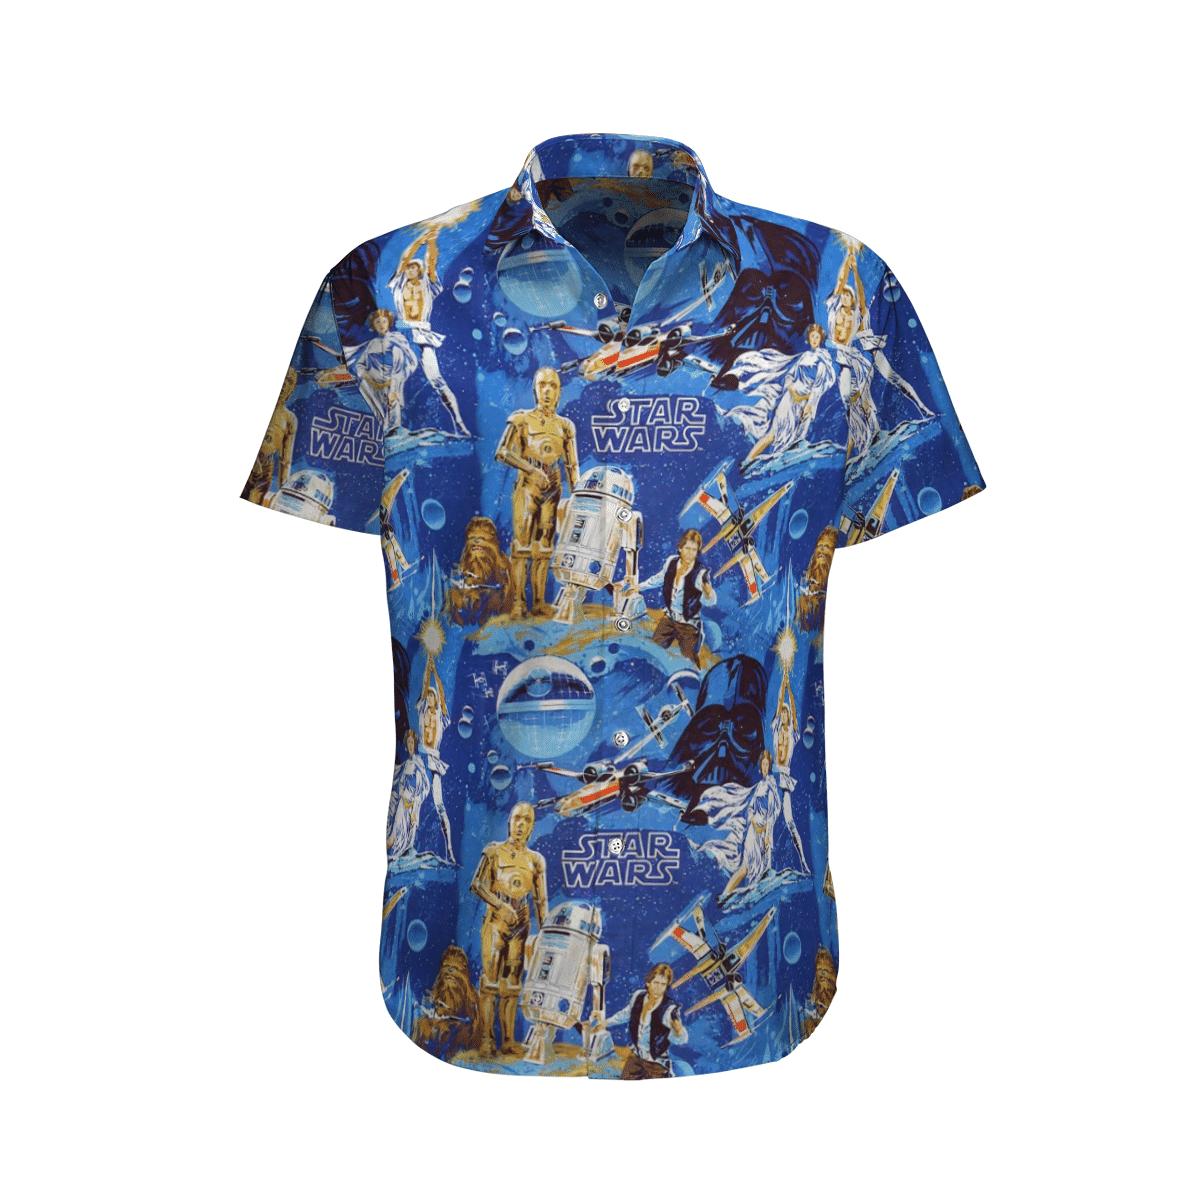 Star wars C-3PO See-Threepio Hawaiian Shirt